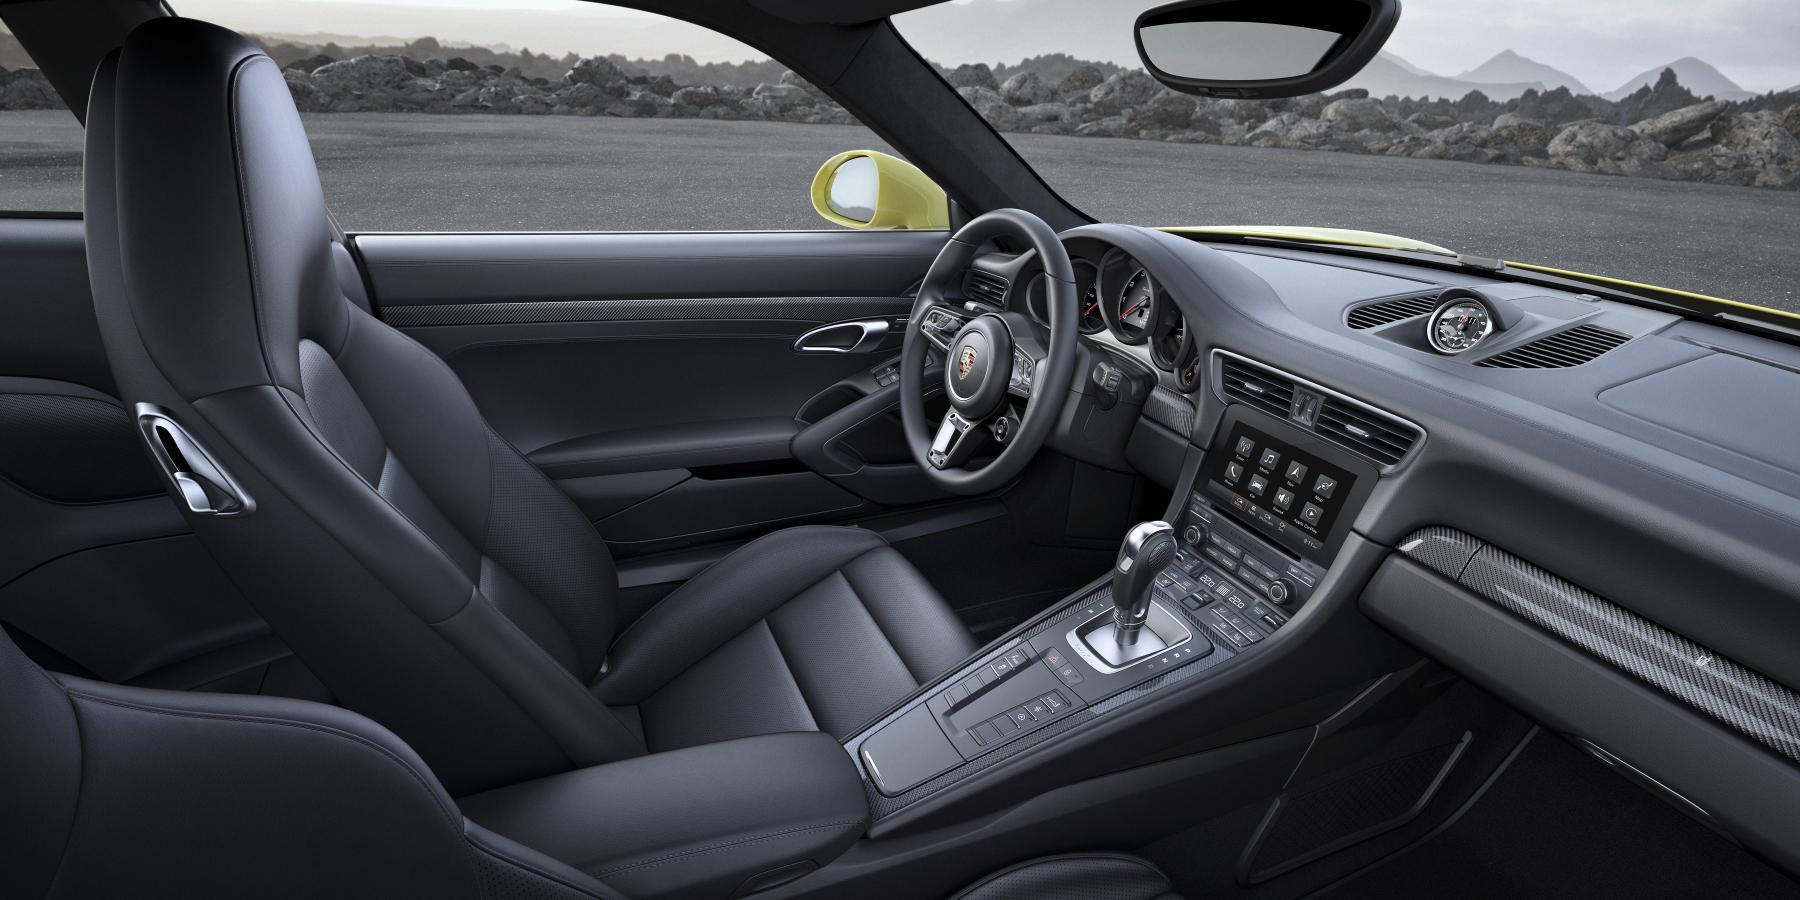 Nuova Porsche 911 Turbo e 911 Turbo S ecco i prezzi 9